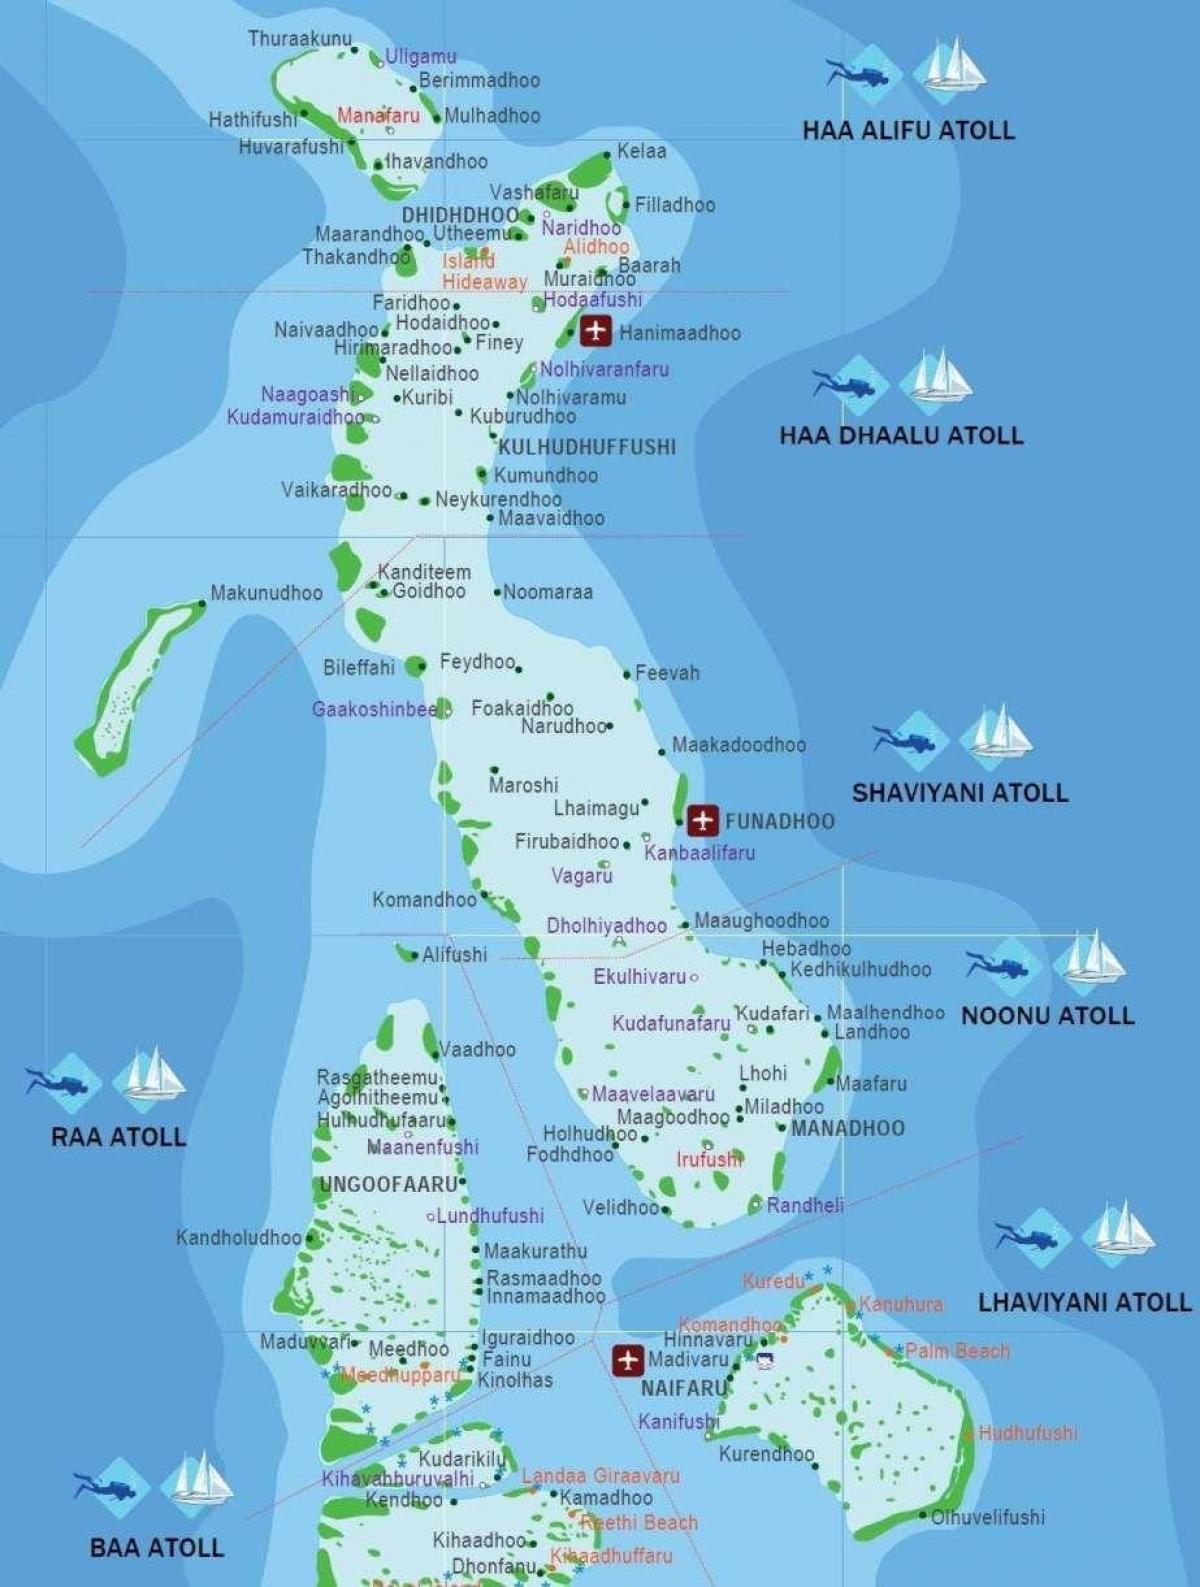 Kani Maldiverne Kort Kort Over Kani Maldiverne Sydlige Asien